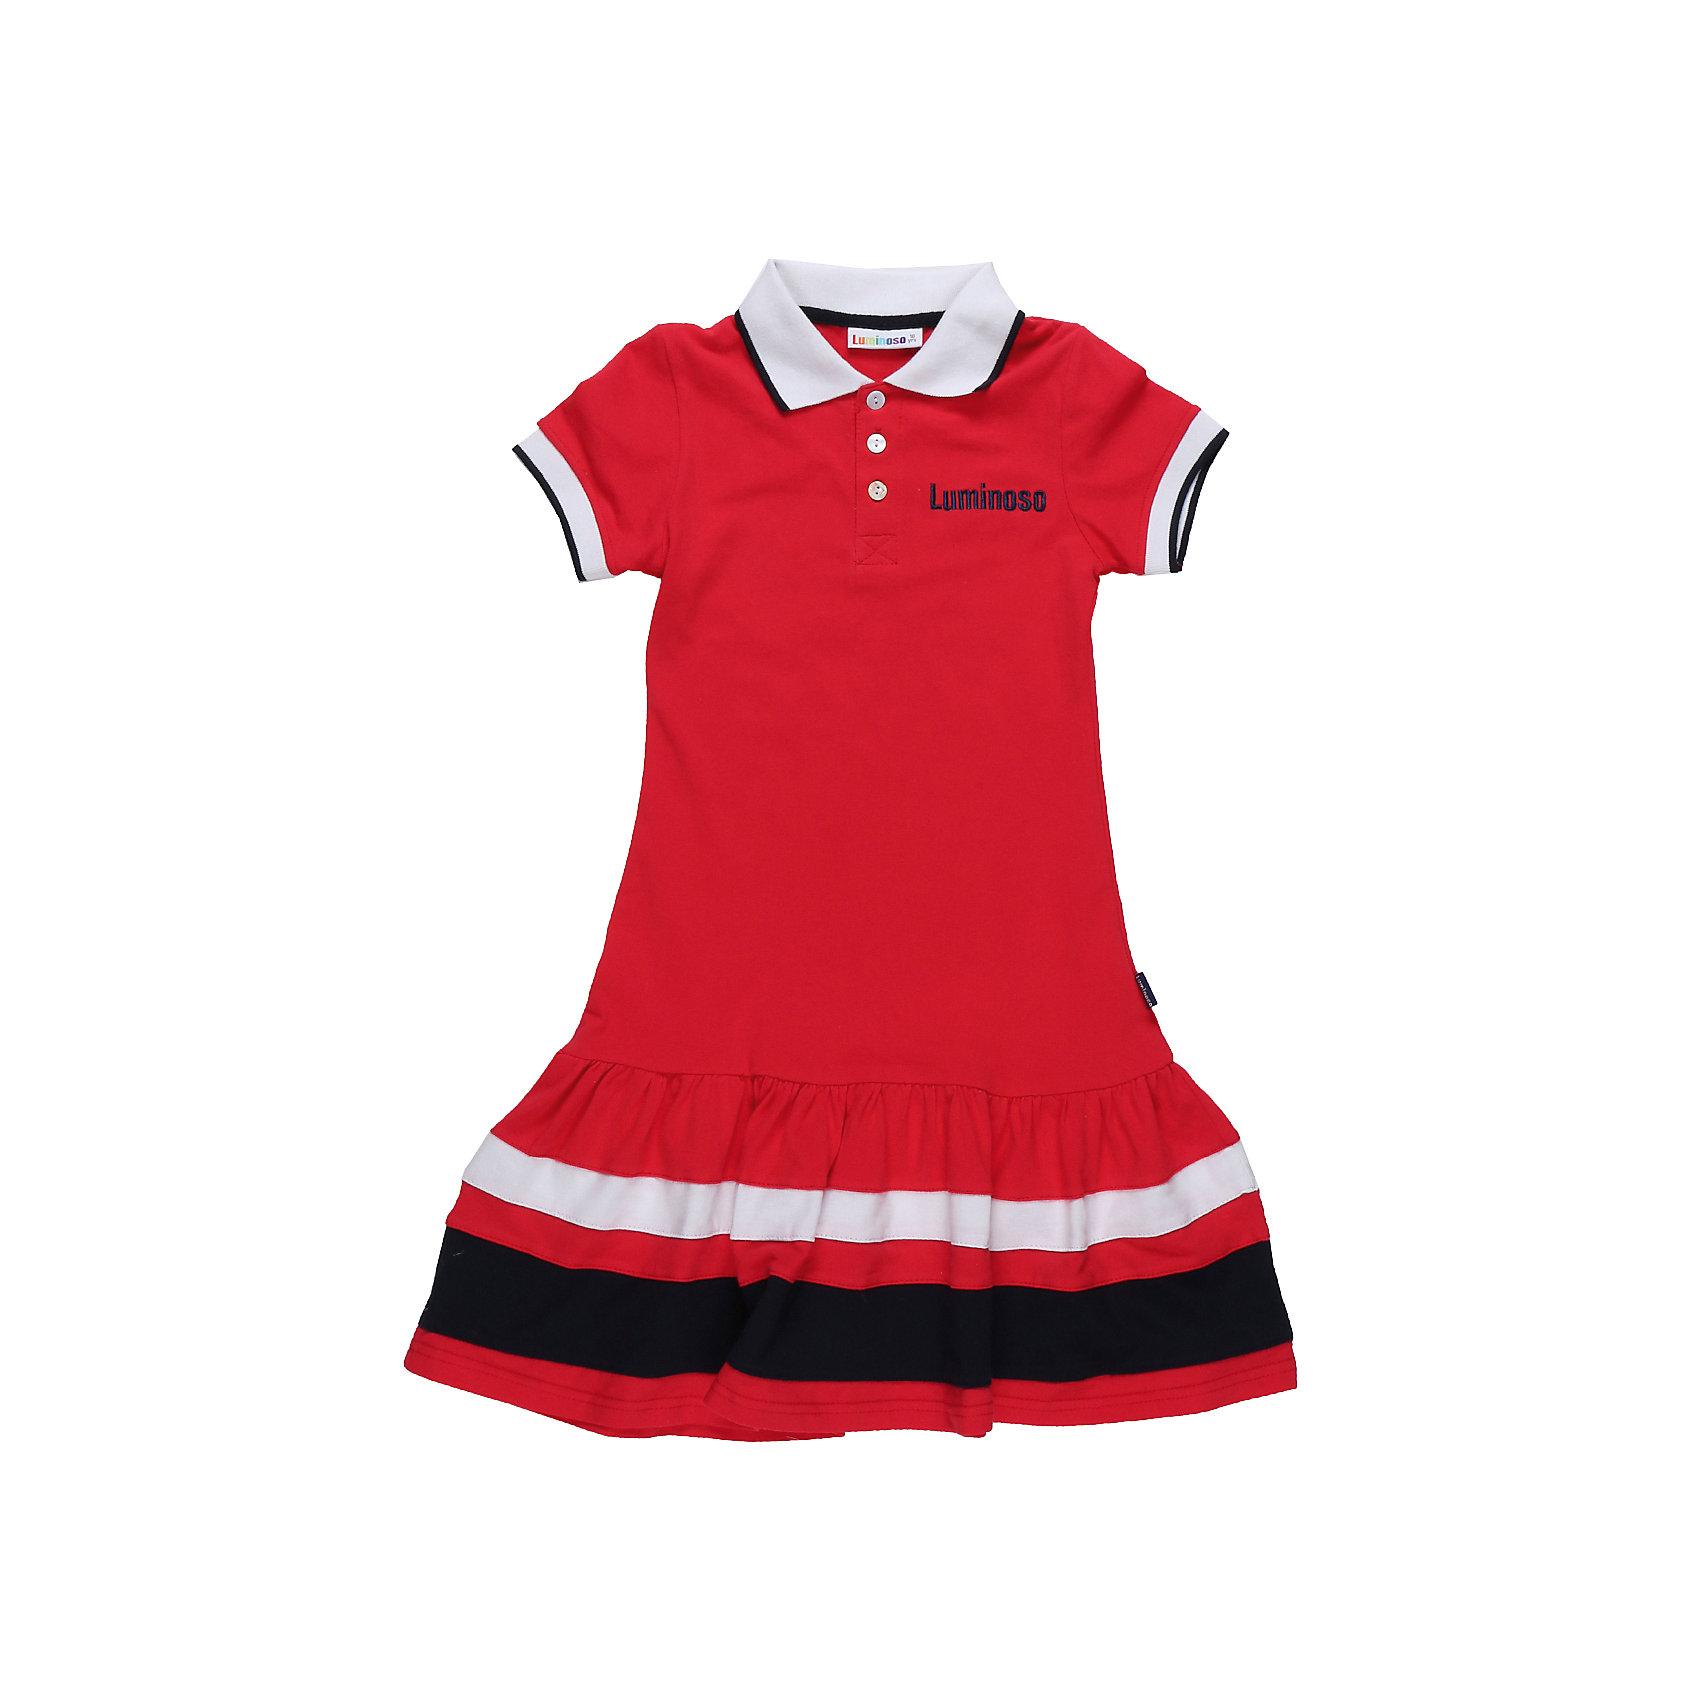 Платье для девочки LuminosoПлатье для девочки из хлопковой ткани с контрастным отложенным воротничком. Декорирован воланом по низу изделия. Прямой крой.<br>Состав:<br>100% хлопок<br><br>Ширина мм: 236<br>Глубина мм: 16<br>Высота мм: 184<br>Вес г: 177<br>Цвет: красный<br>Возраст от месяцев: 144<br>Возраст до месяцев: 156<br>Пол: Женский<br>Возраст: Детский<br>Размер: 158,134,164,140,146,152<br>SKU: 5413476